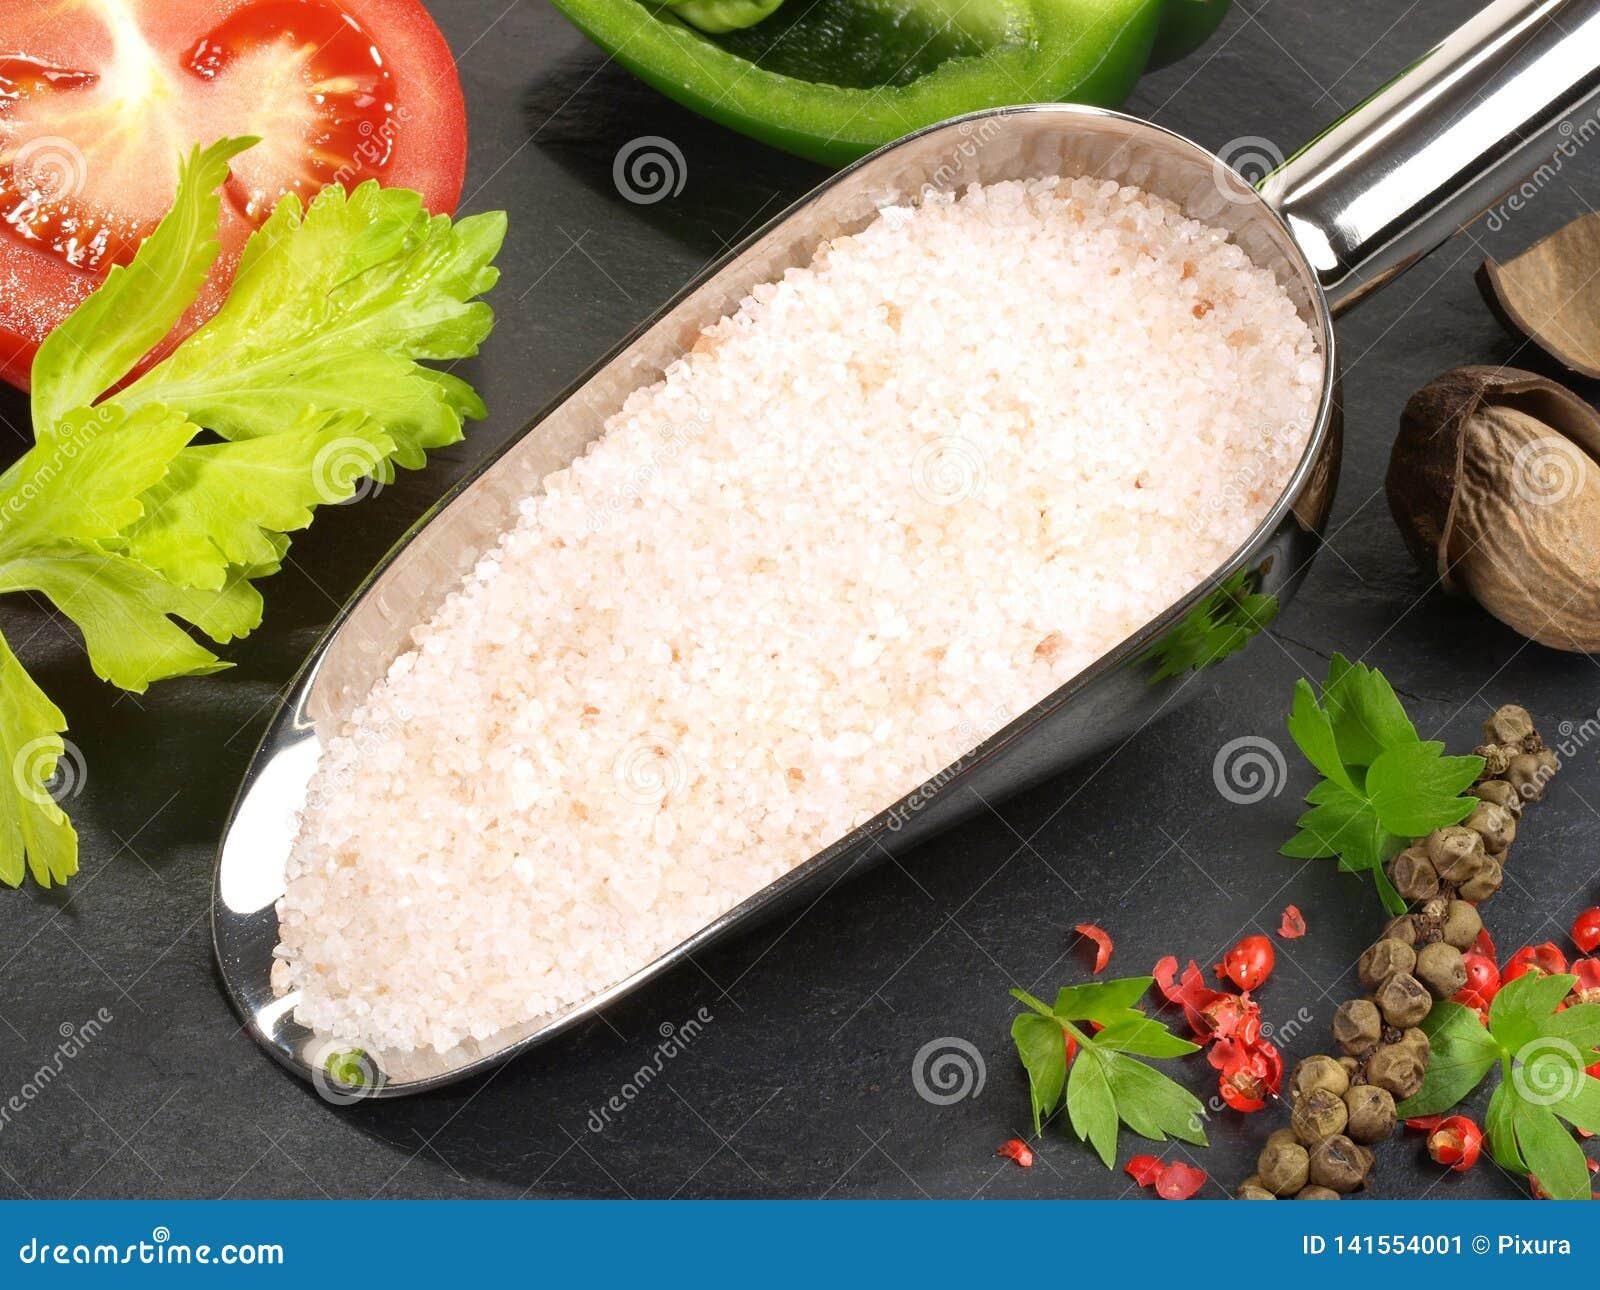 Kochen mit Seesalz - gesunde Nahrung